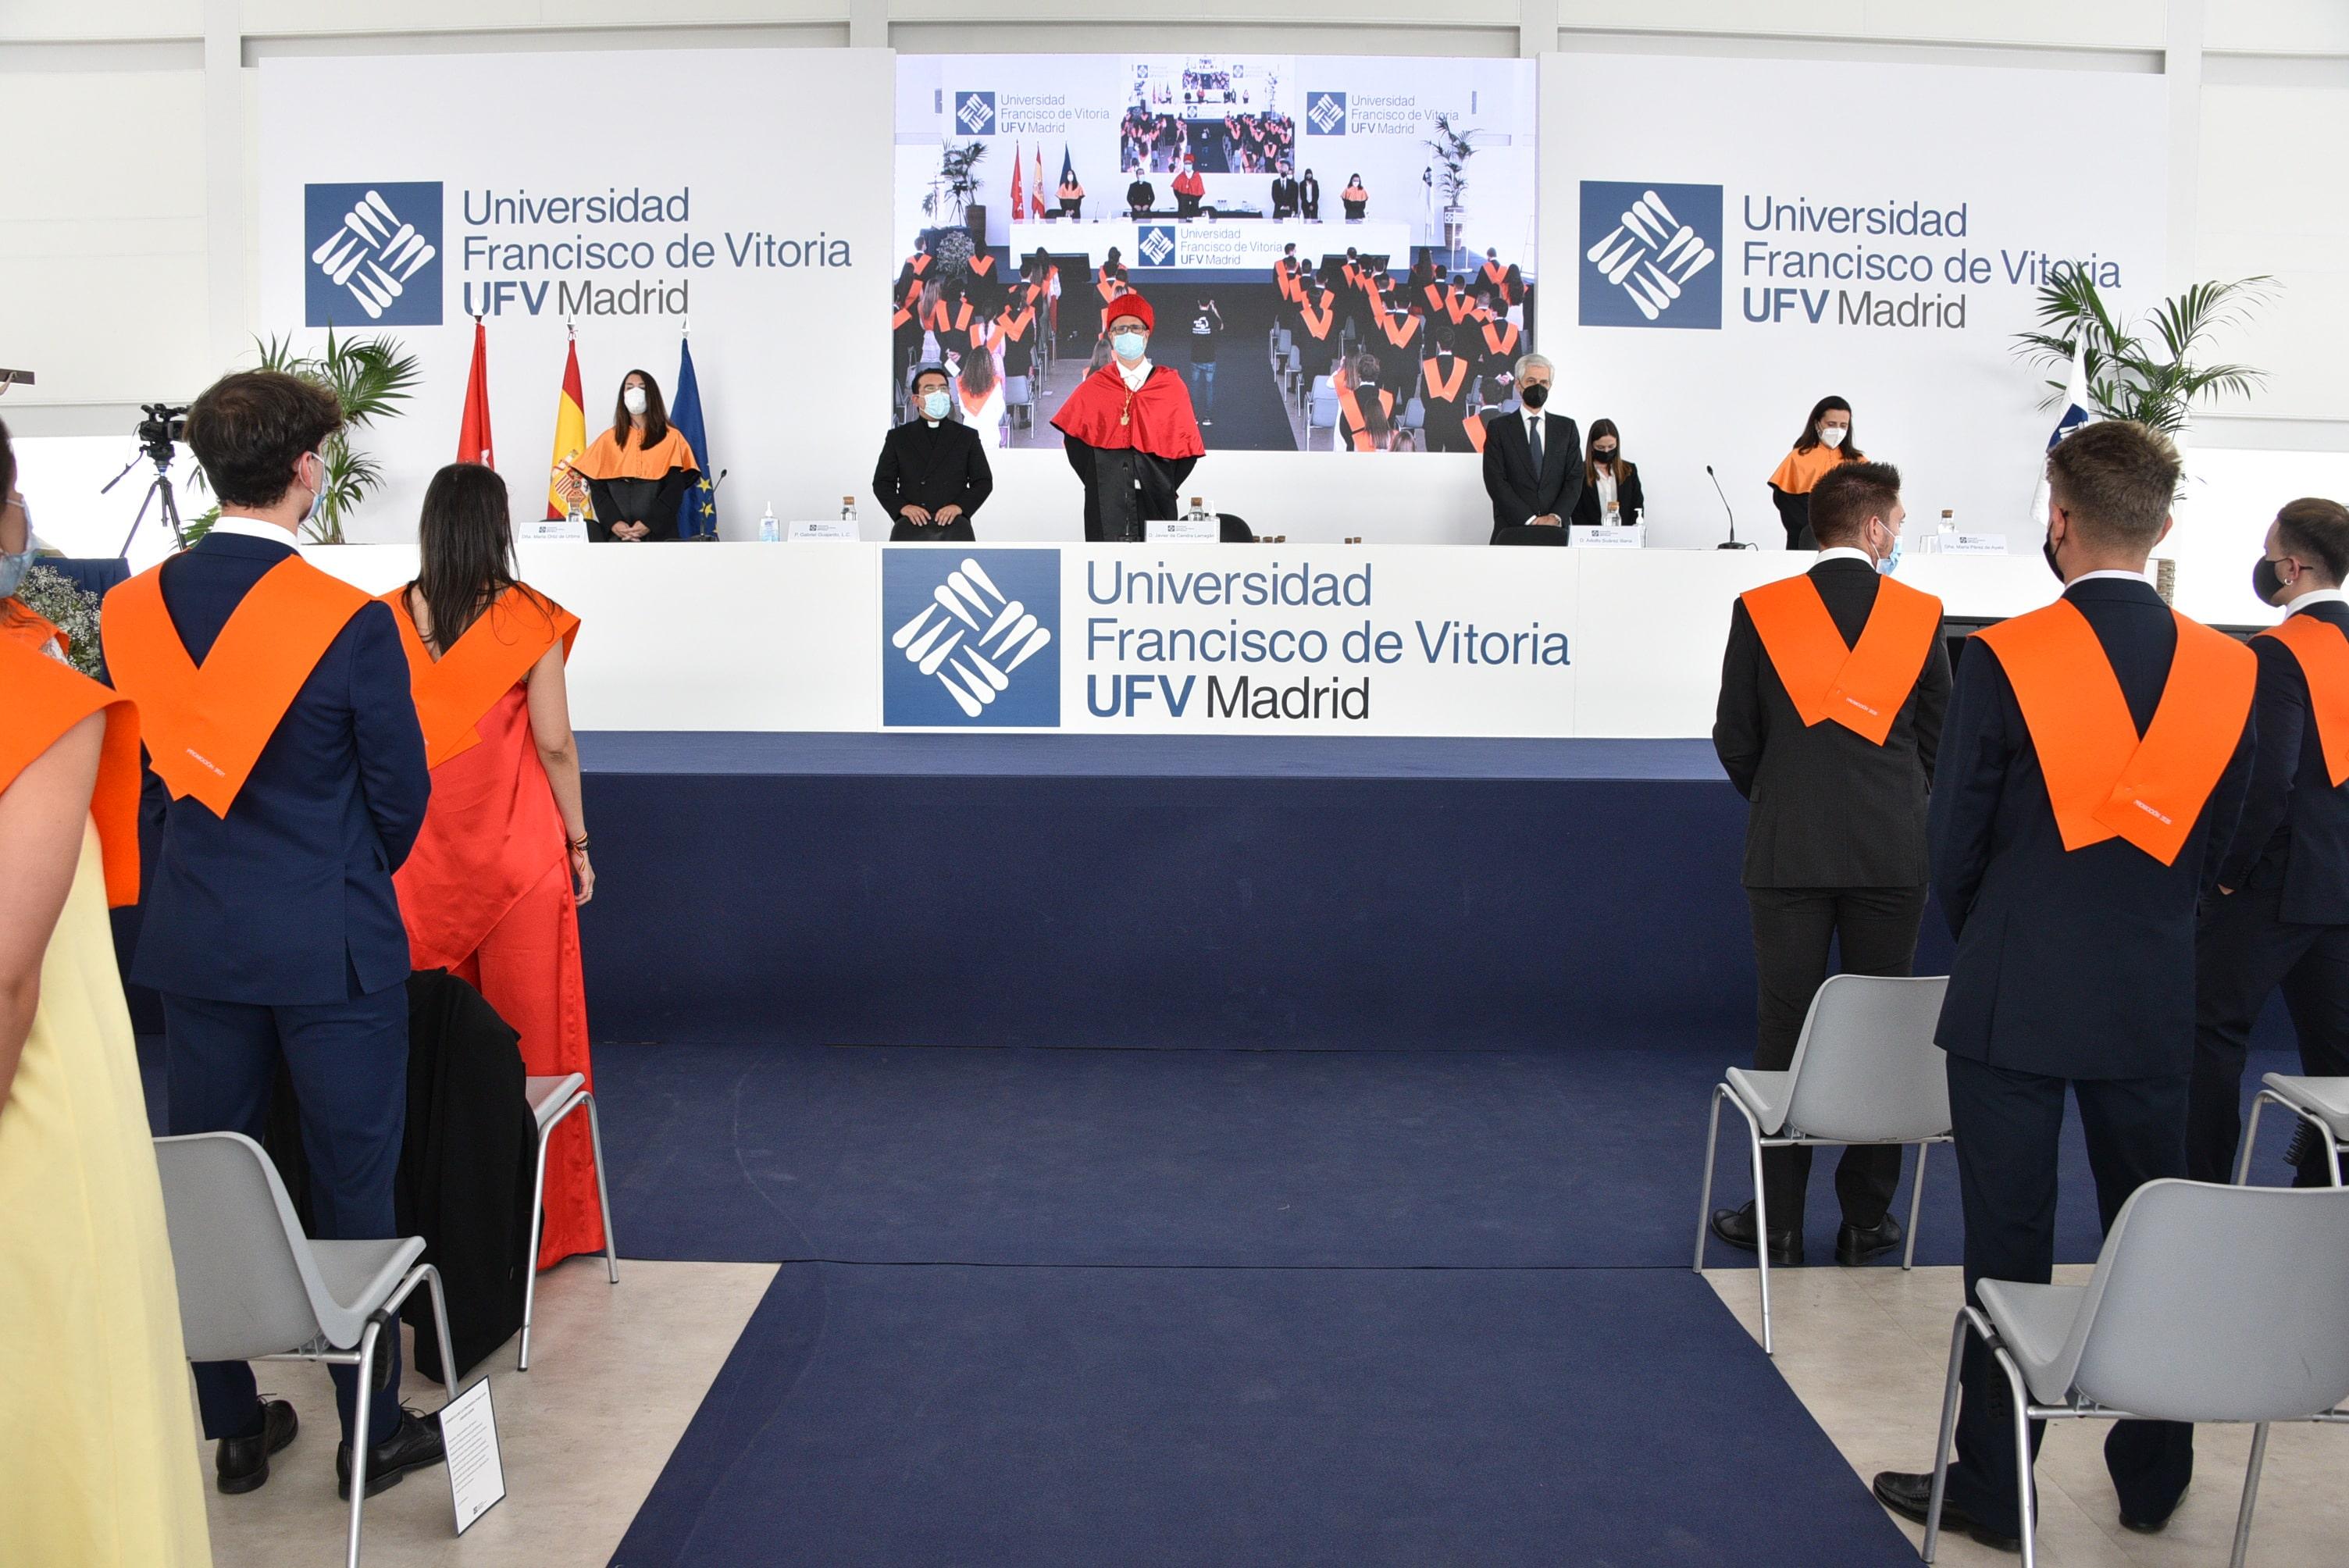 210704UFV2 926 min Actos académicos Estudiar en Universidad Privada Madrid